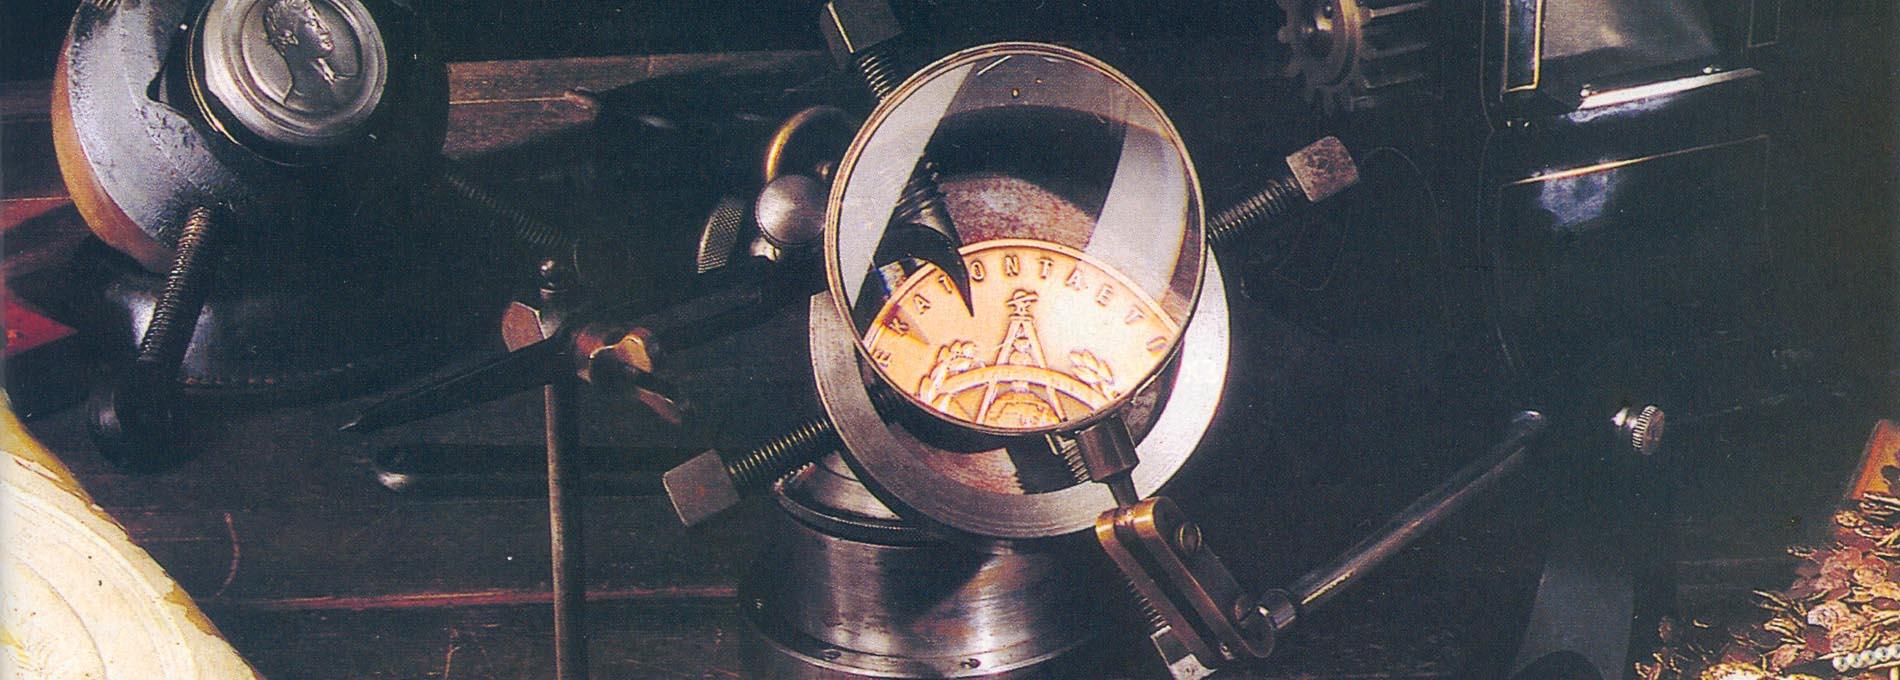 σχεδιασμός μετάλλια μανωλέσσος